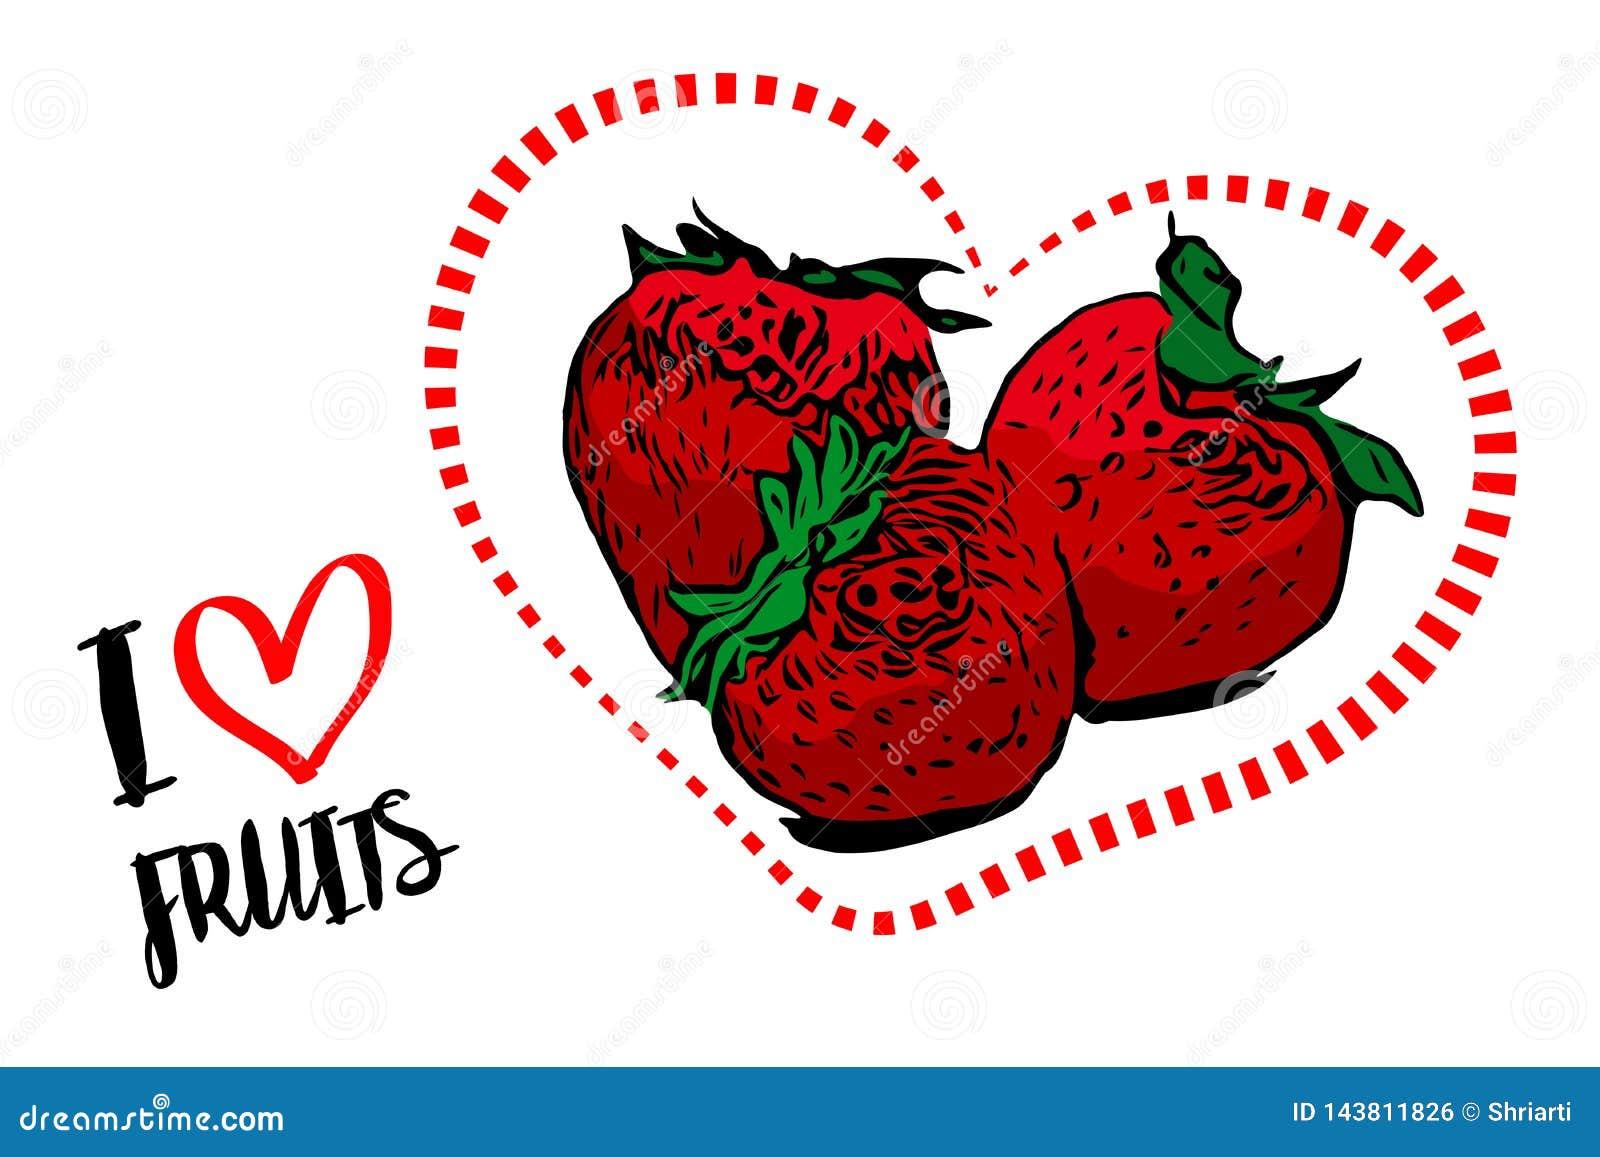 Línea de puntos forma roja del corazón con tres fresas rojas dentro